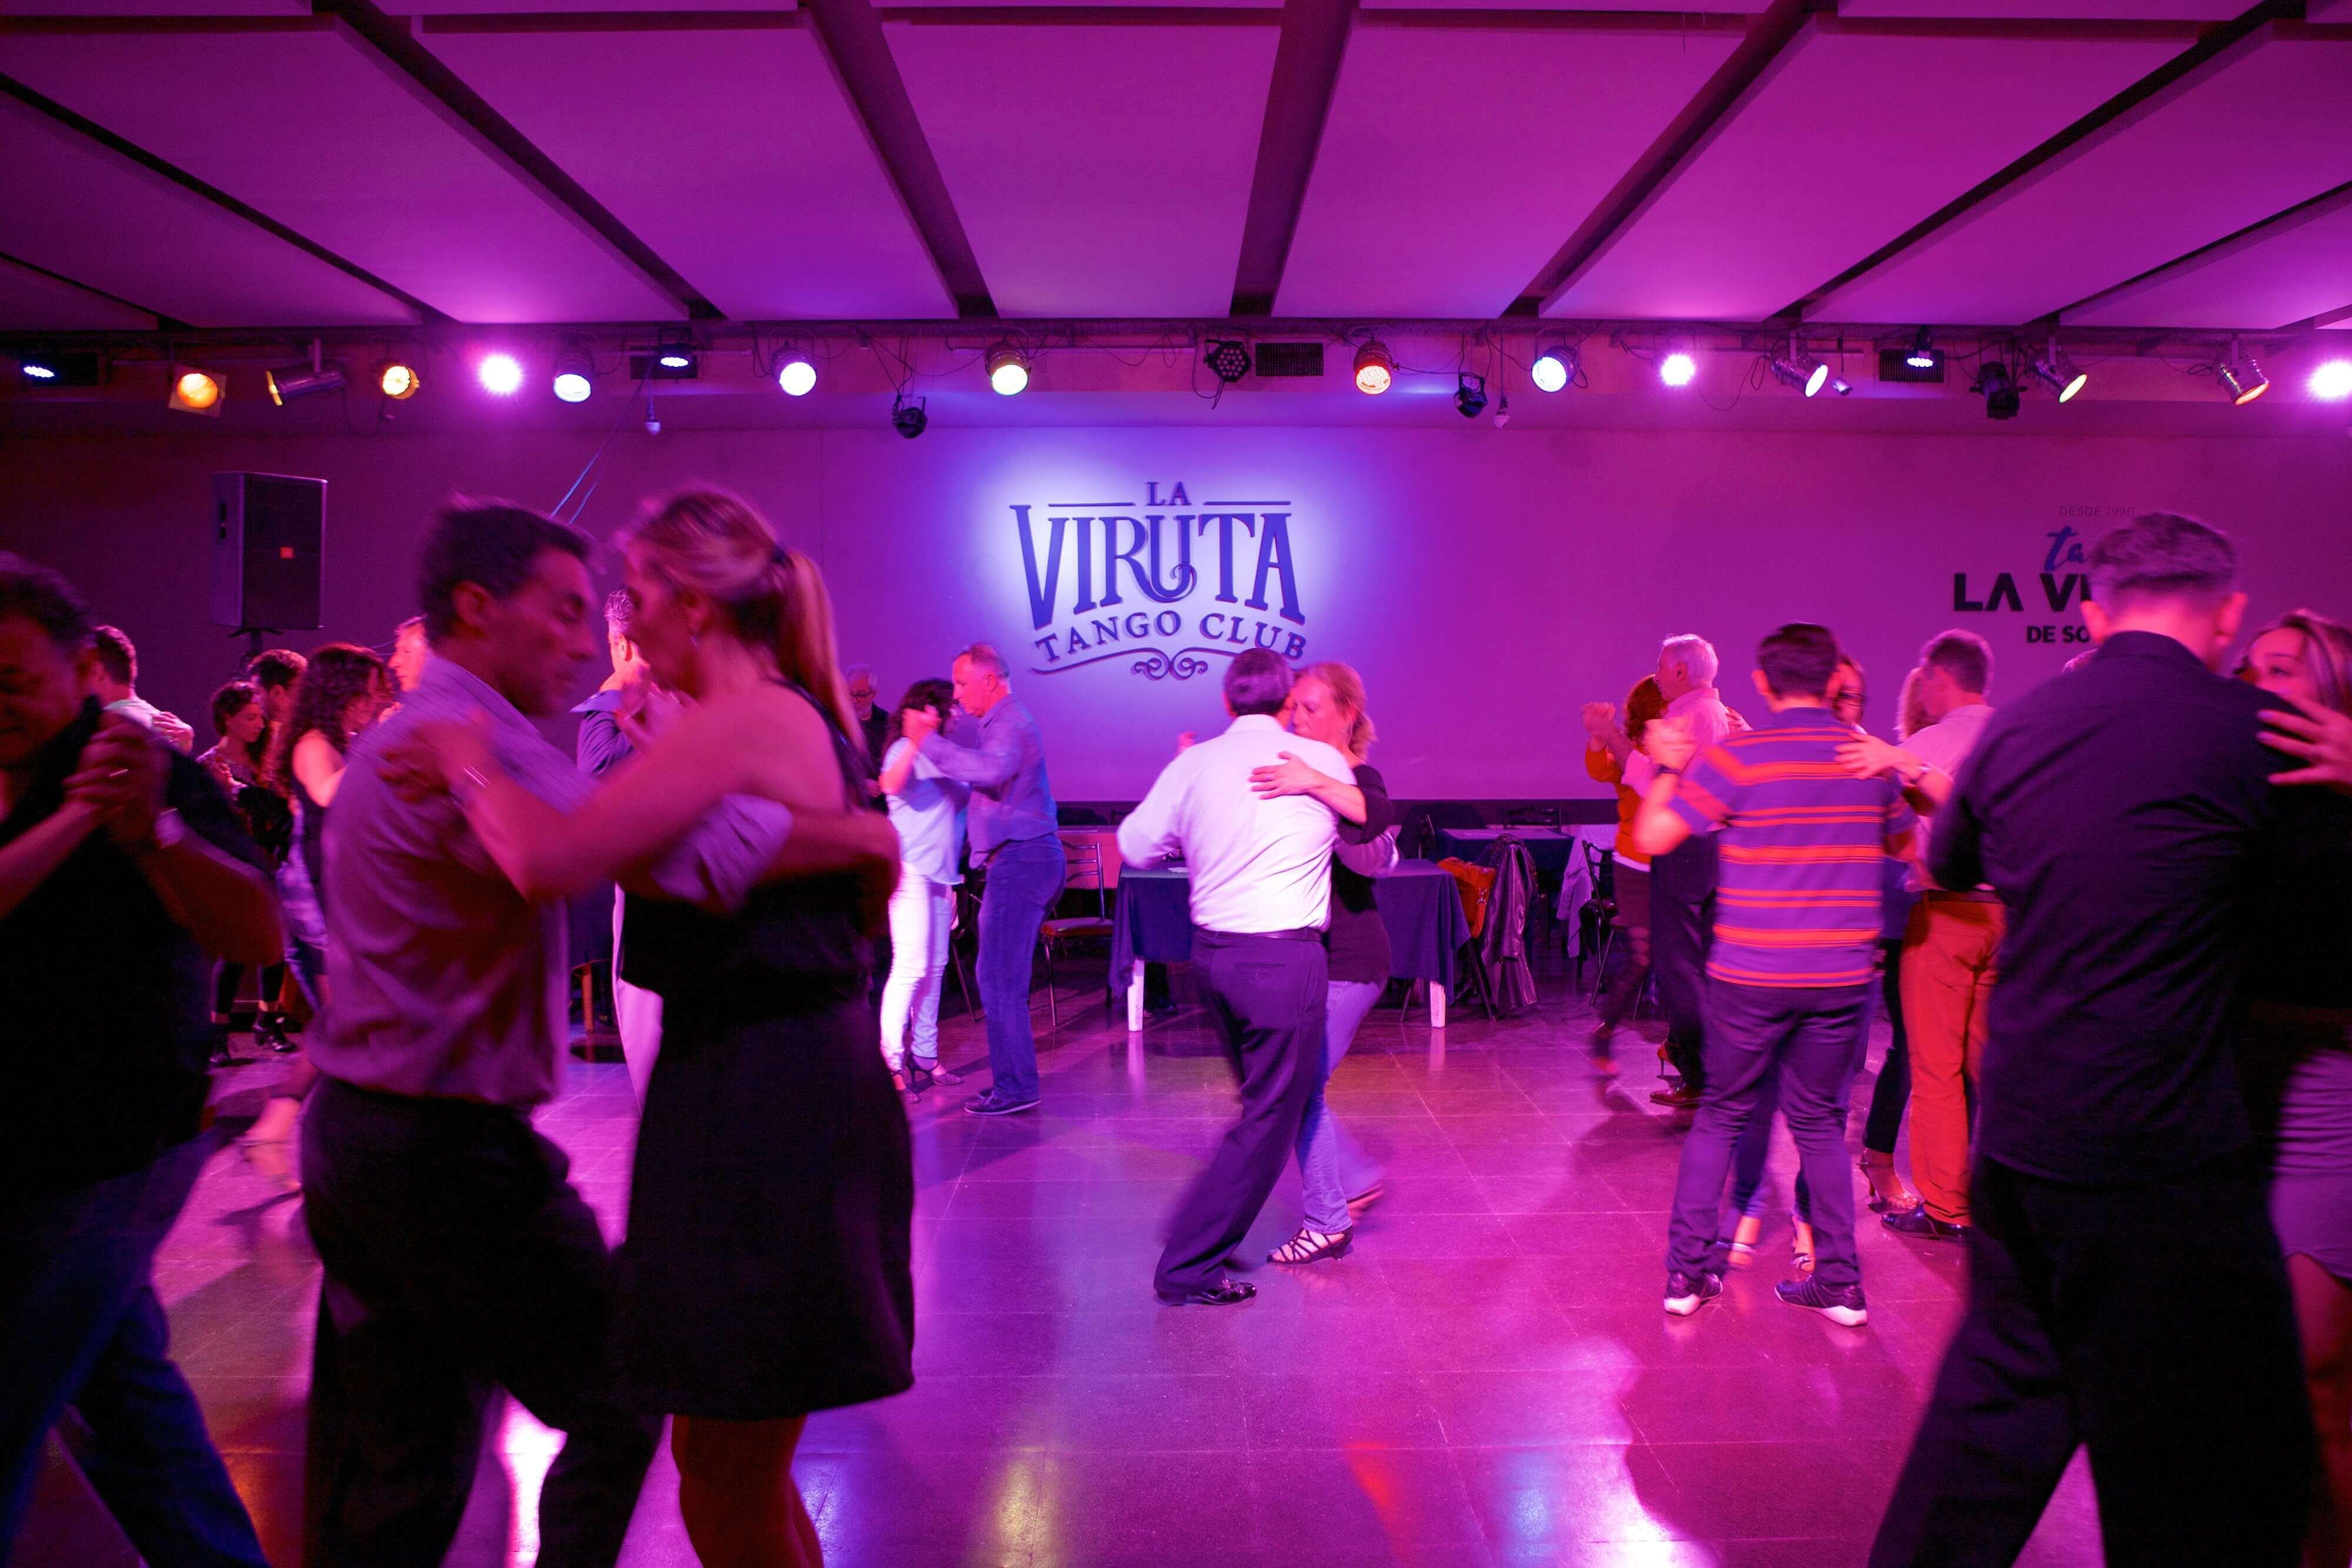 La-Viruta-Tango-Club_Javier-Pierini-web